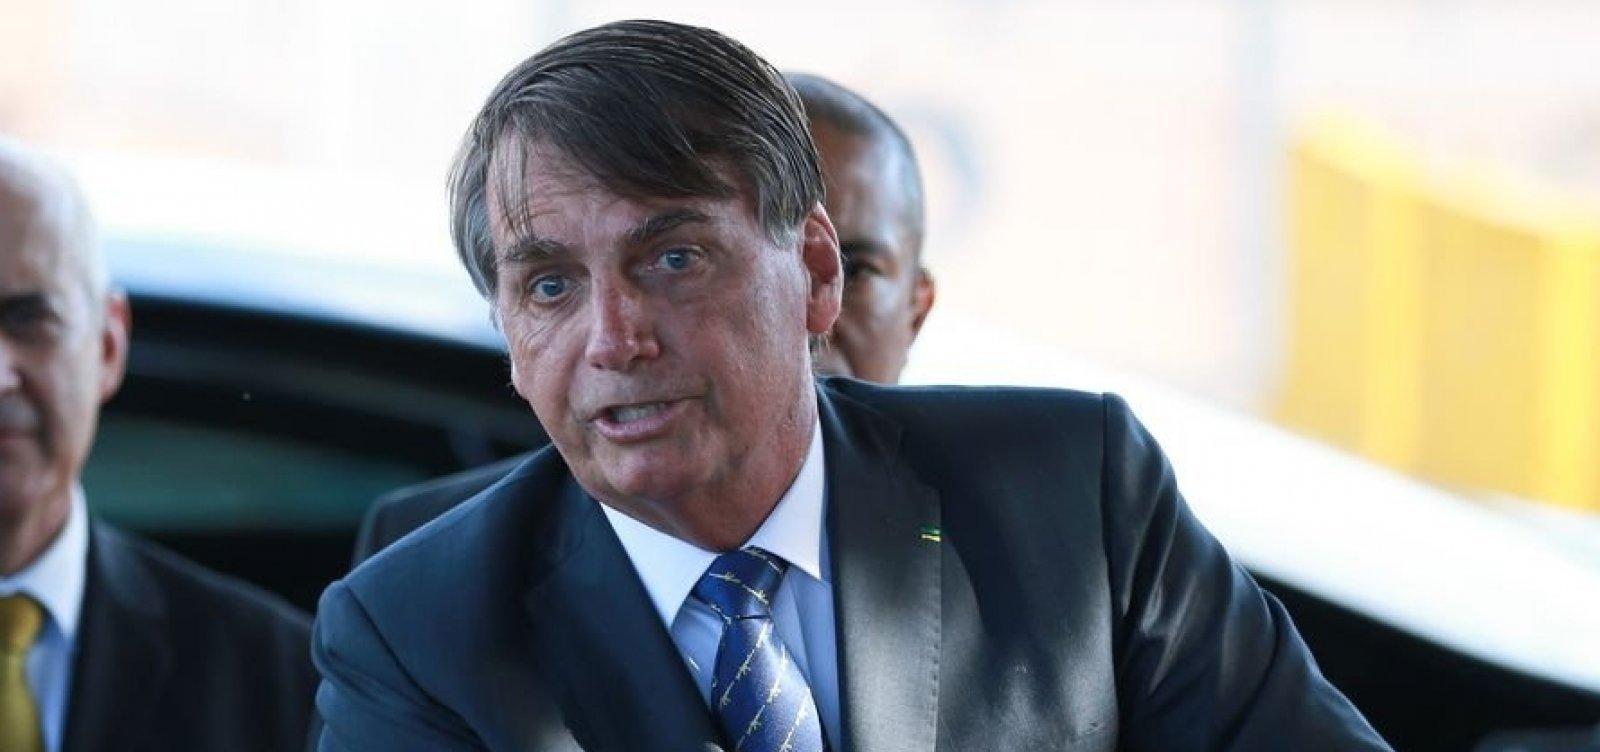 Auxílio emergencial deve ser estendido por '3 ou 4 meses', diz Bolsonaro